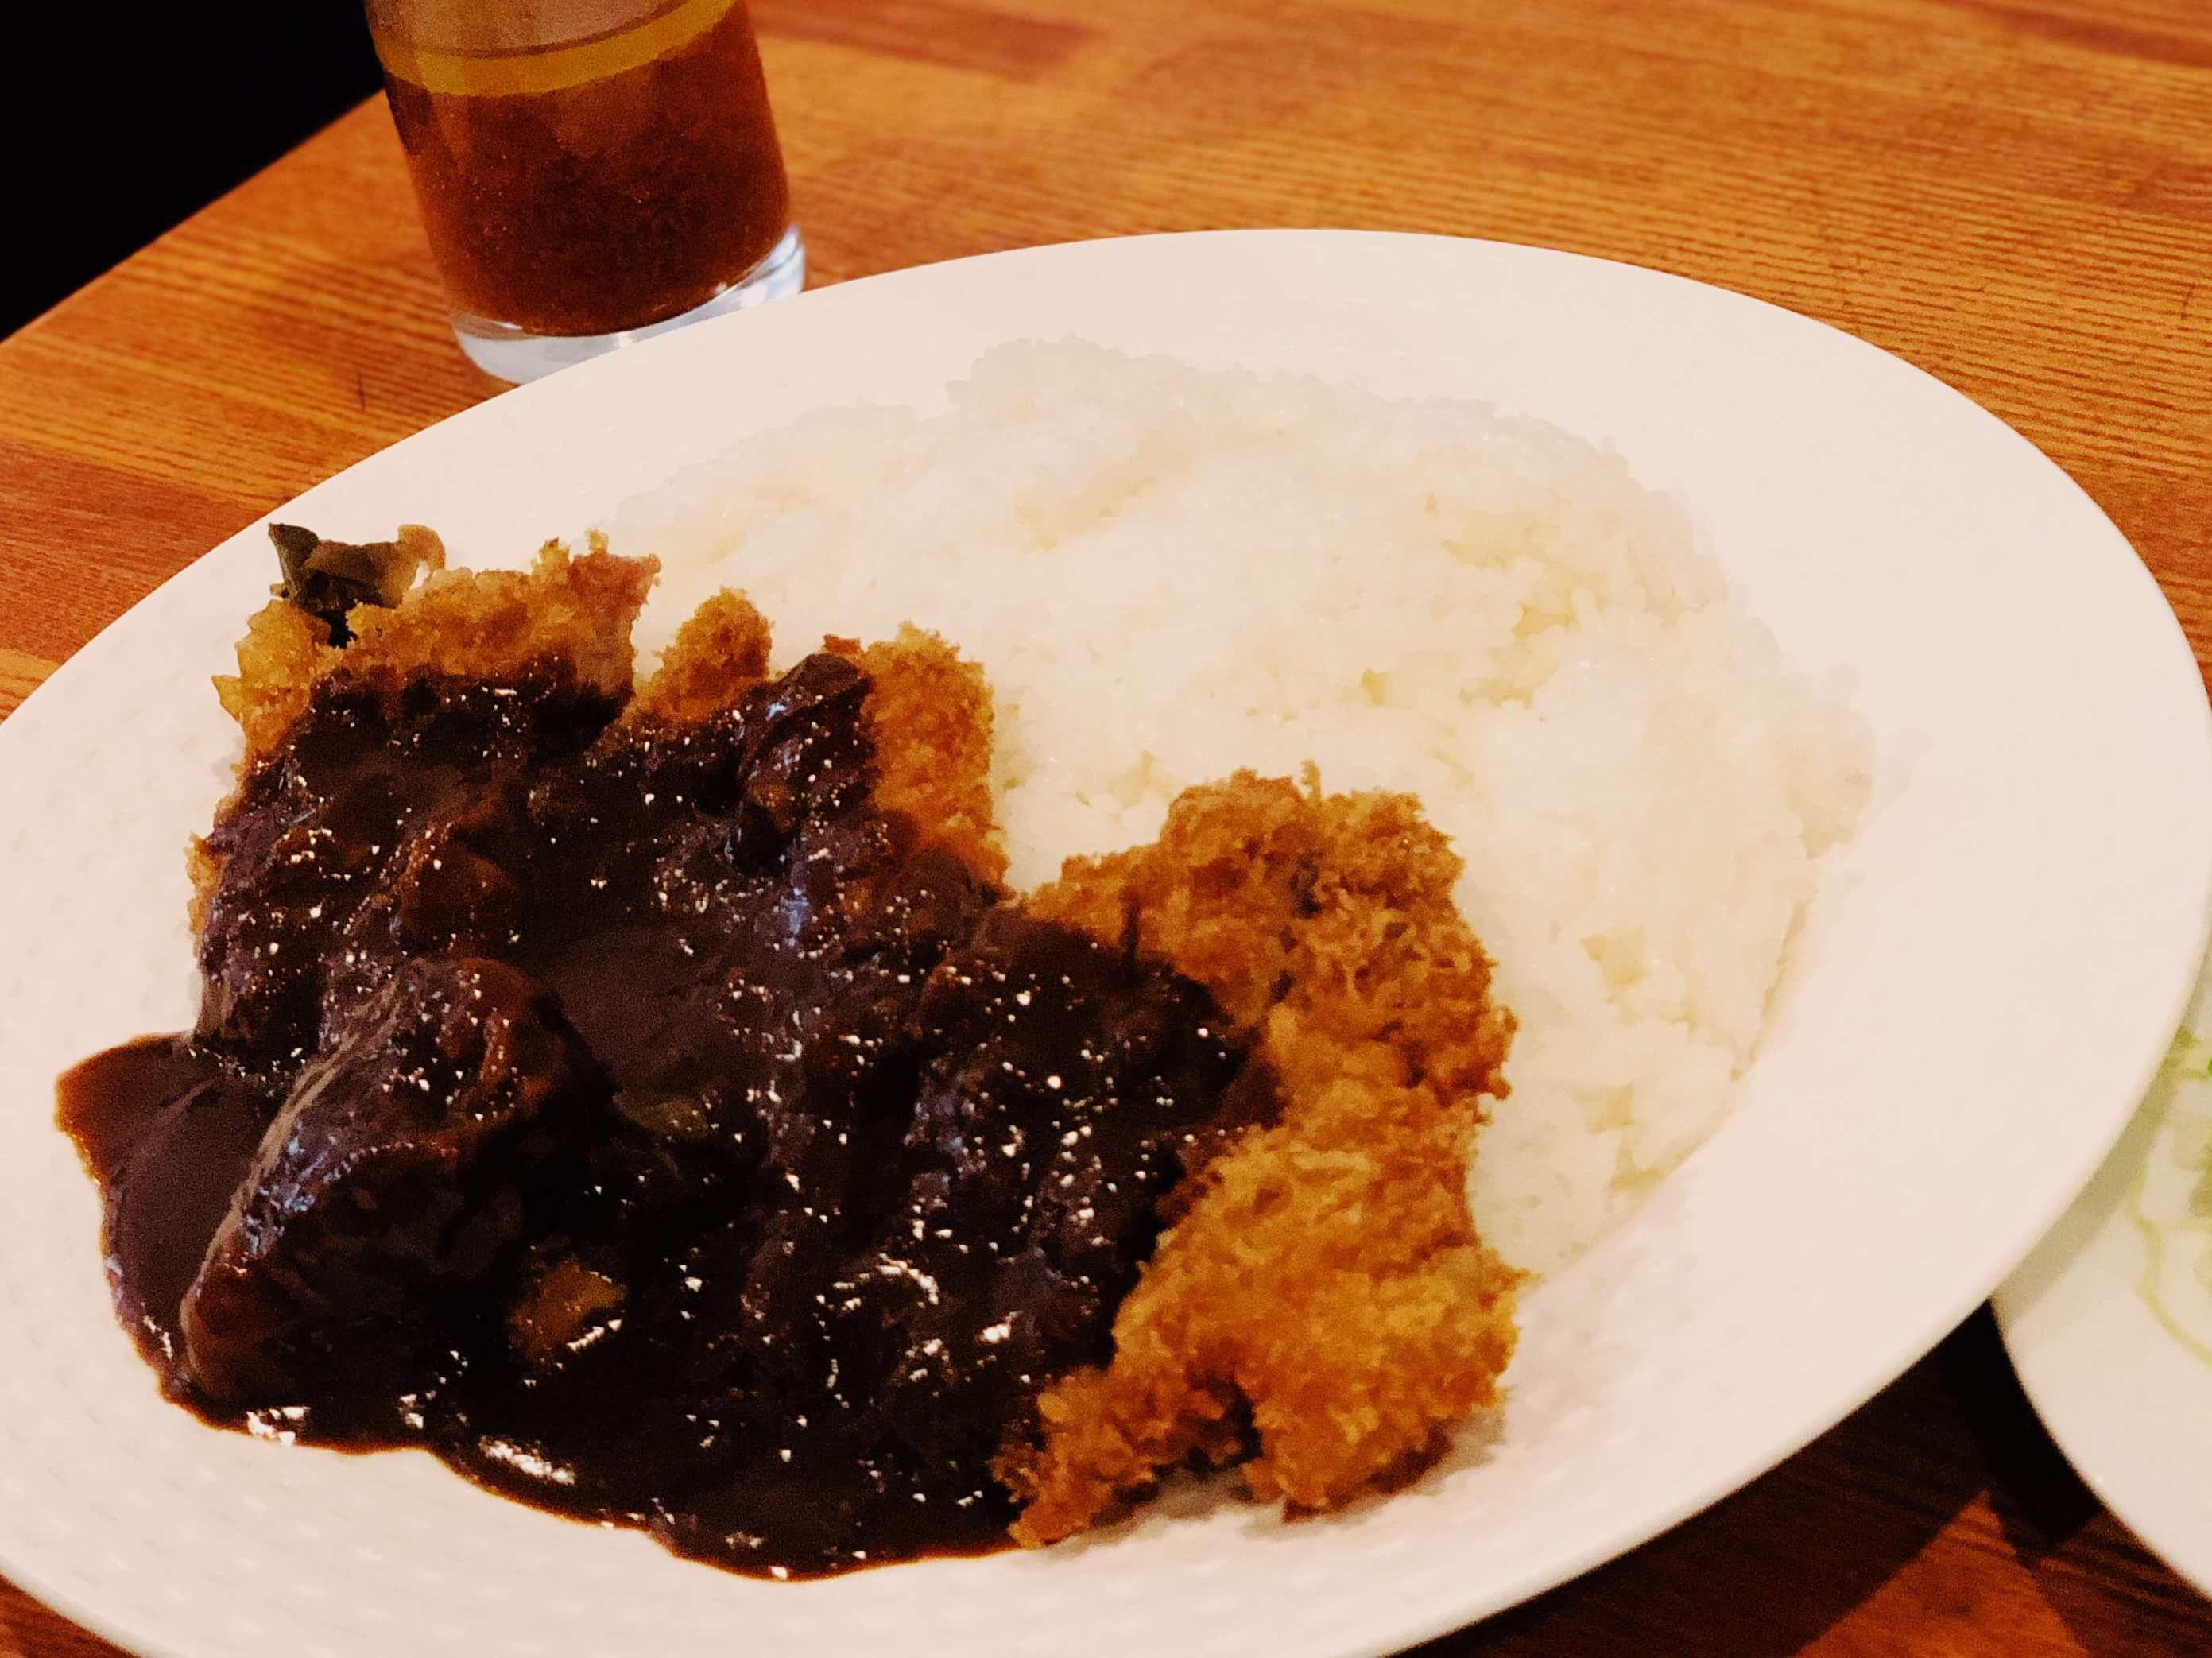 エビフライだけじゃない!京橋の老舗洋食屋『レストランサカキ』はカツカレーも絶品。